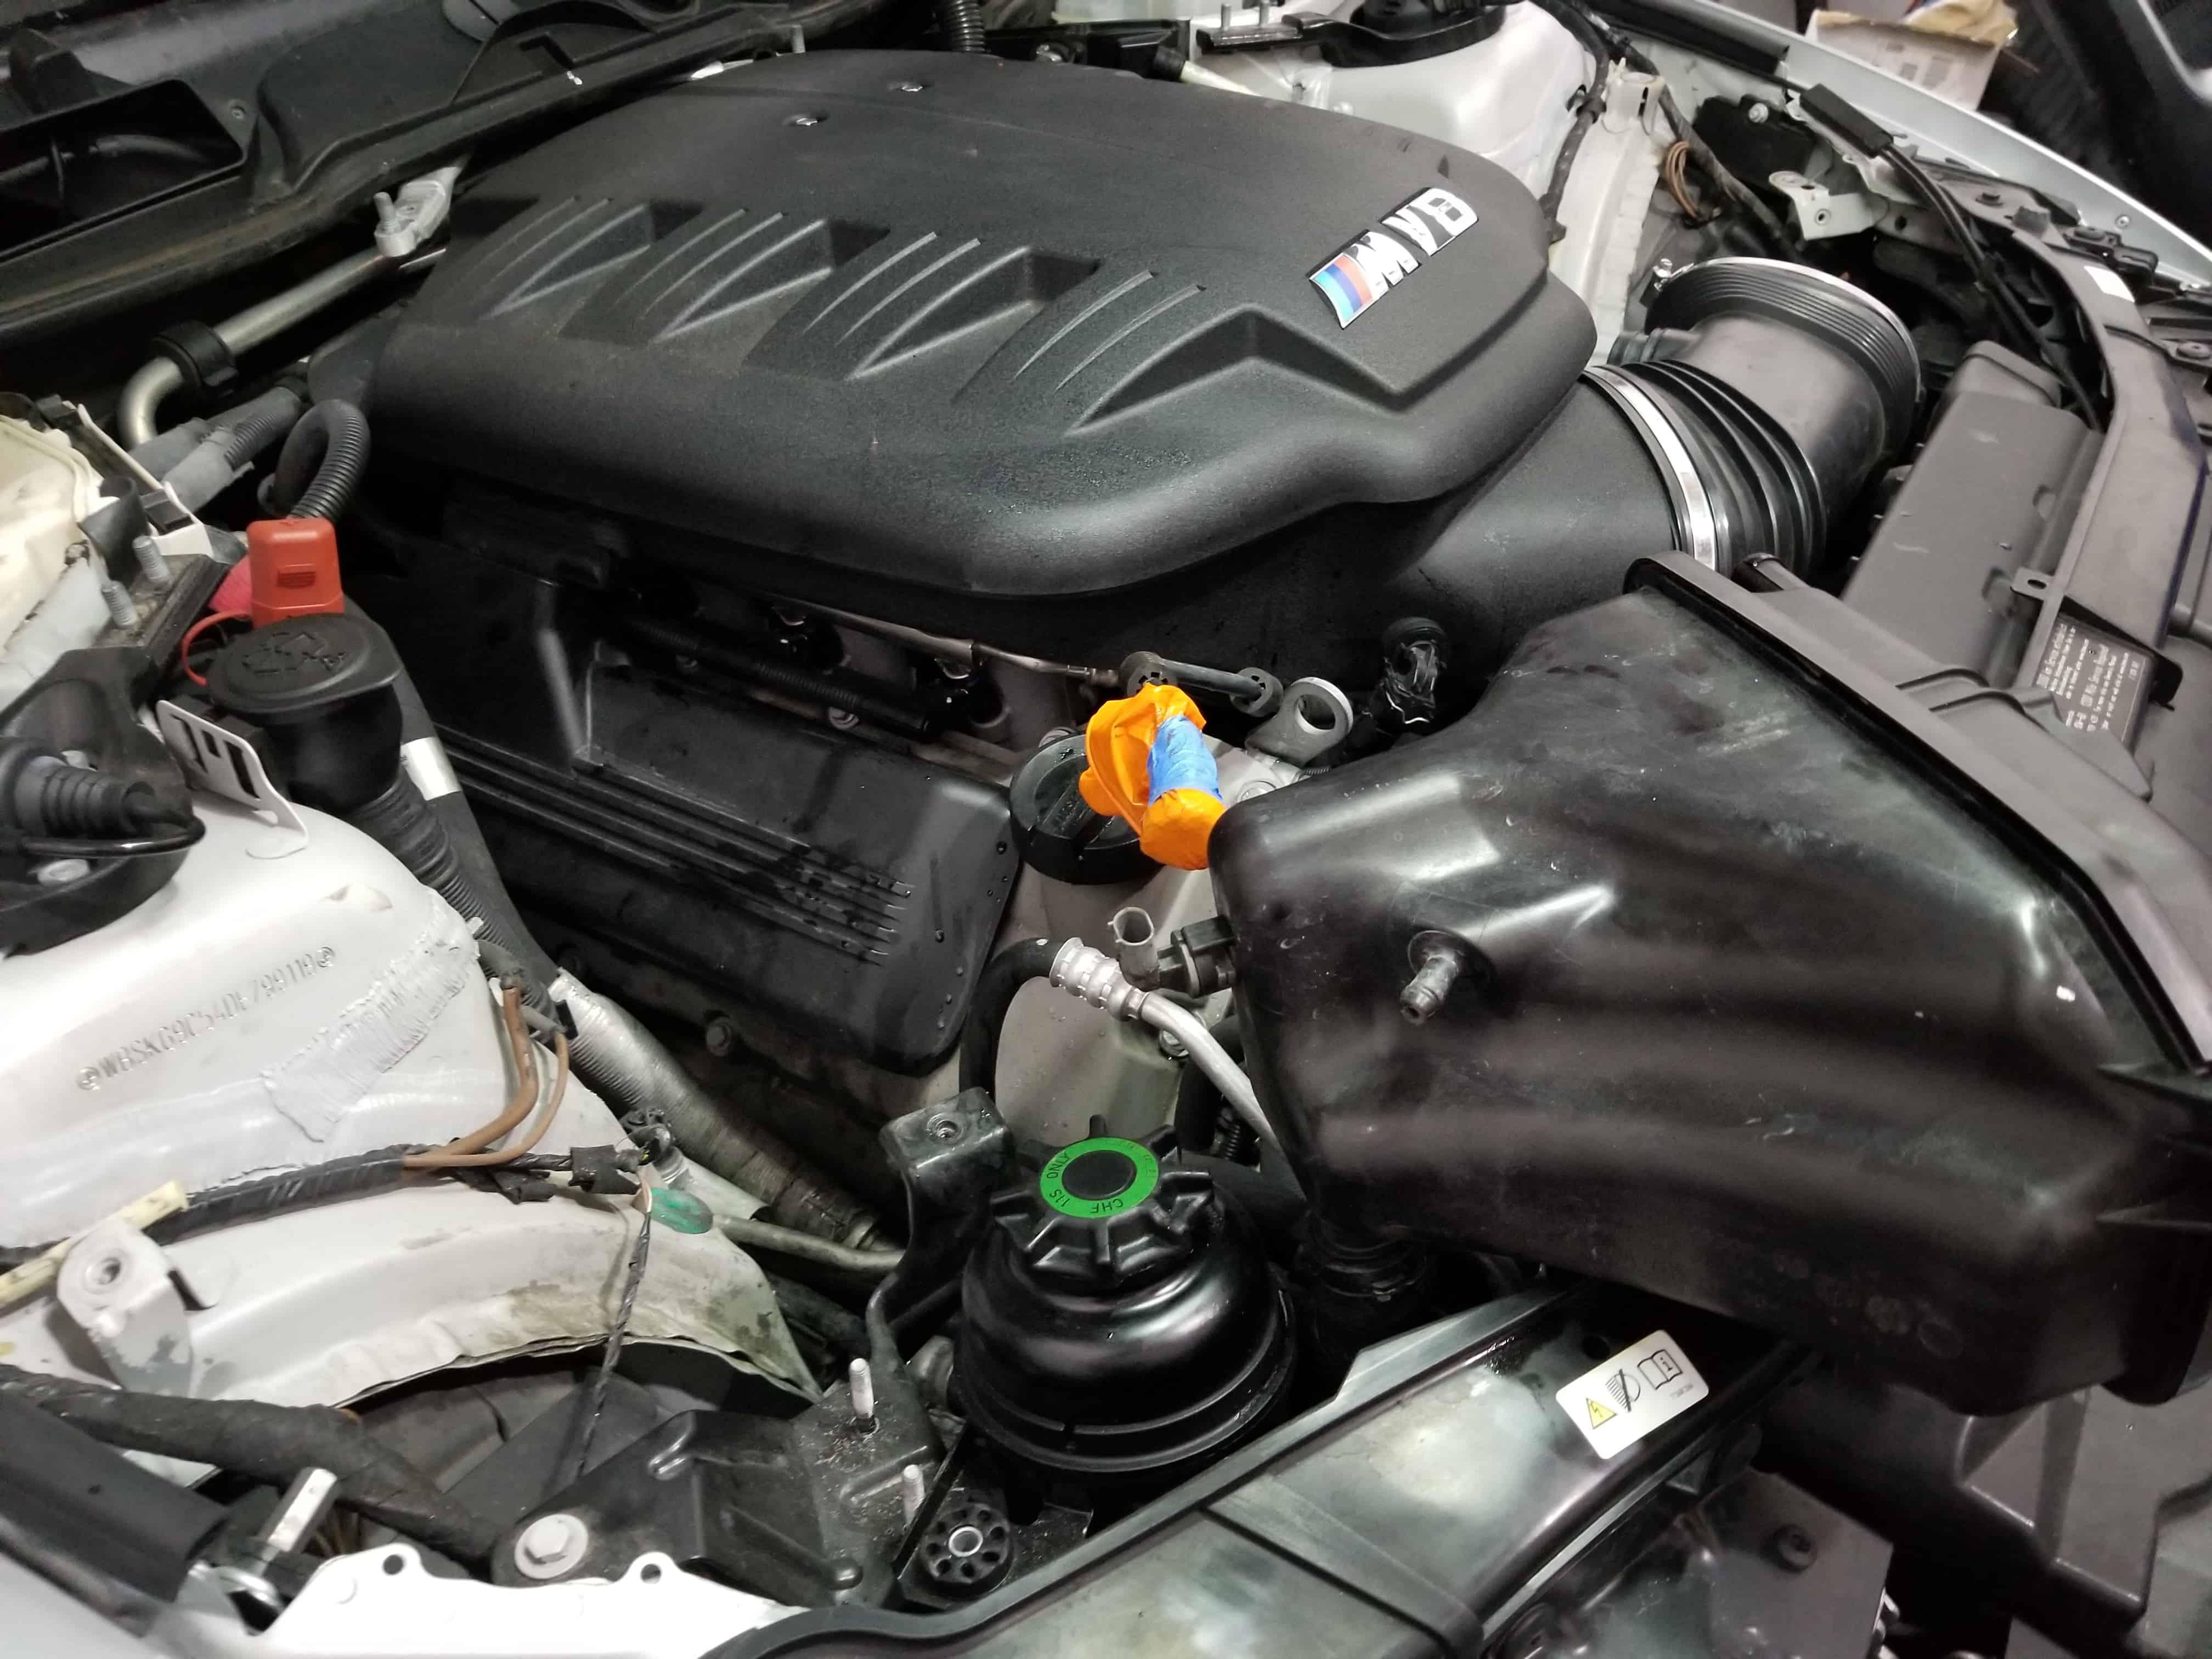 bmw e90 m3 tune up 2007 2013 e9x m3 s65 8 cylinder engine bmw e90 m3 tune up 2007 2013 e9x m3